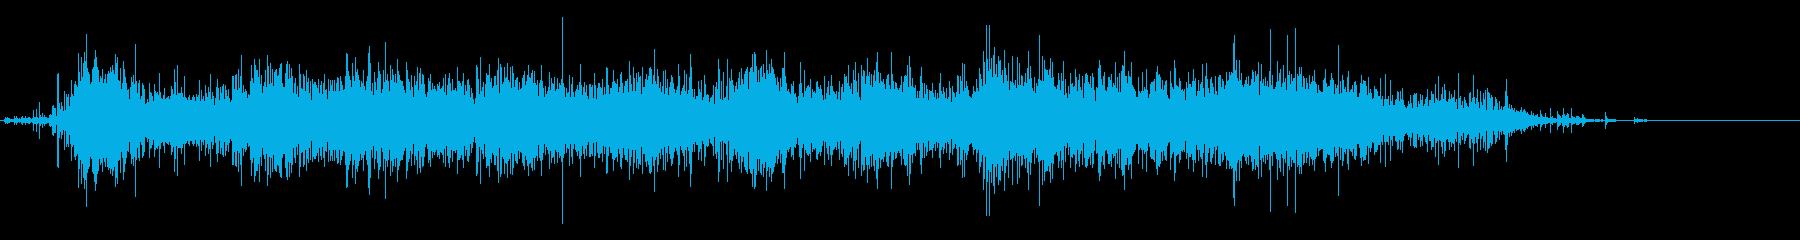 ビンゴケージ:スピニング、ビンゴボ...の再生済みの波形